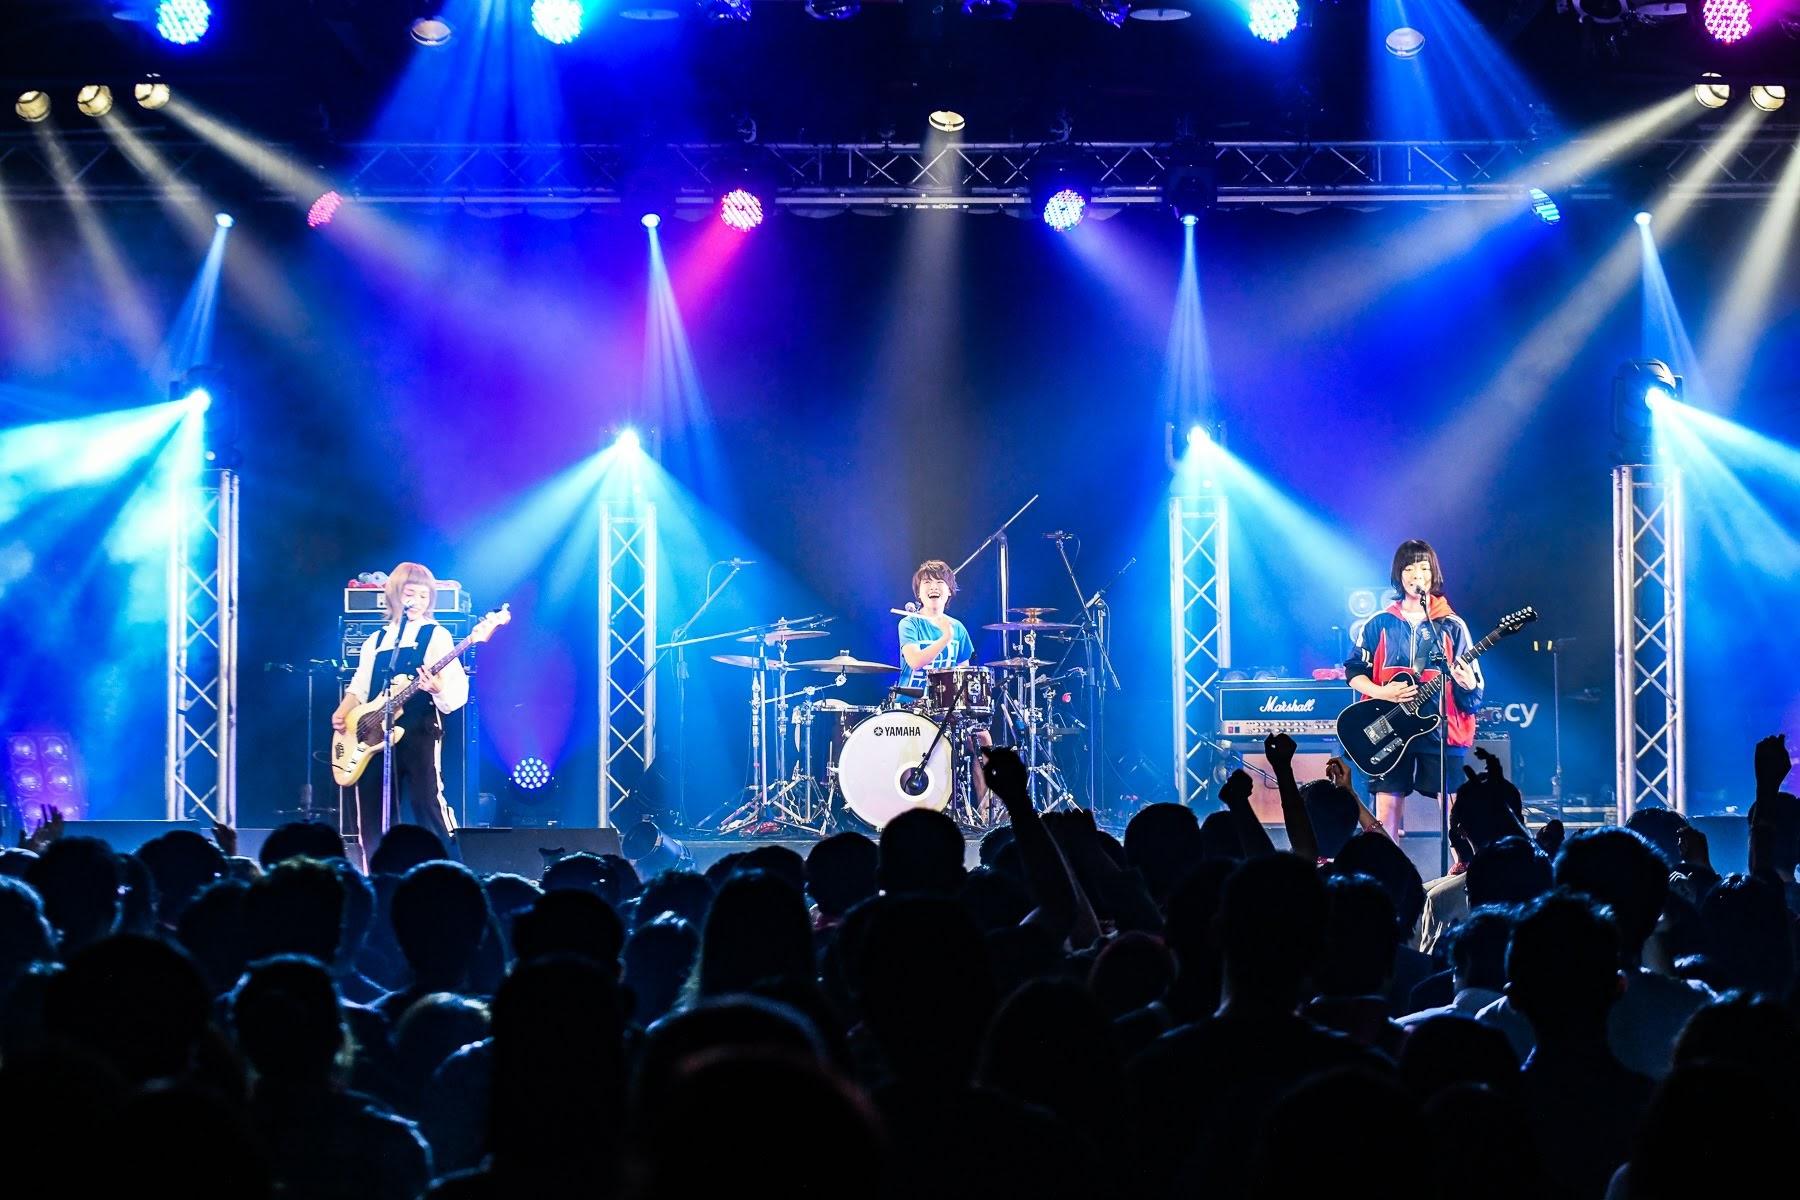 【迷迷現場】日本女子樂團 SHISHAMO 首次來台 中文超溜「大家好棒棒!」